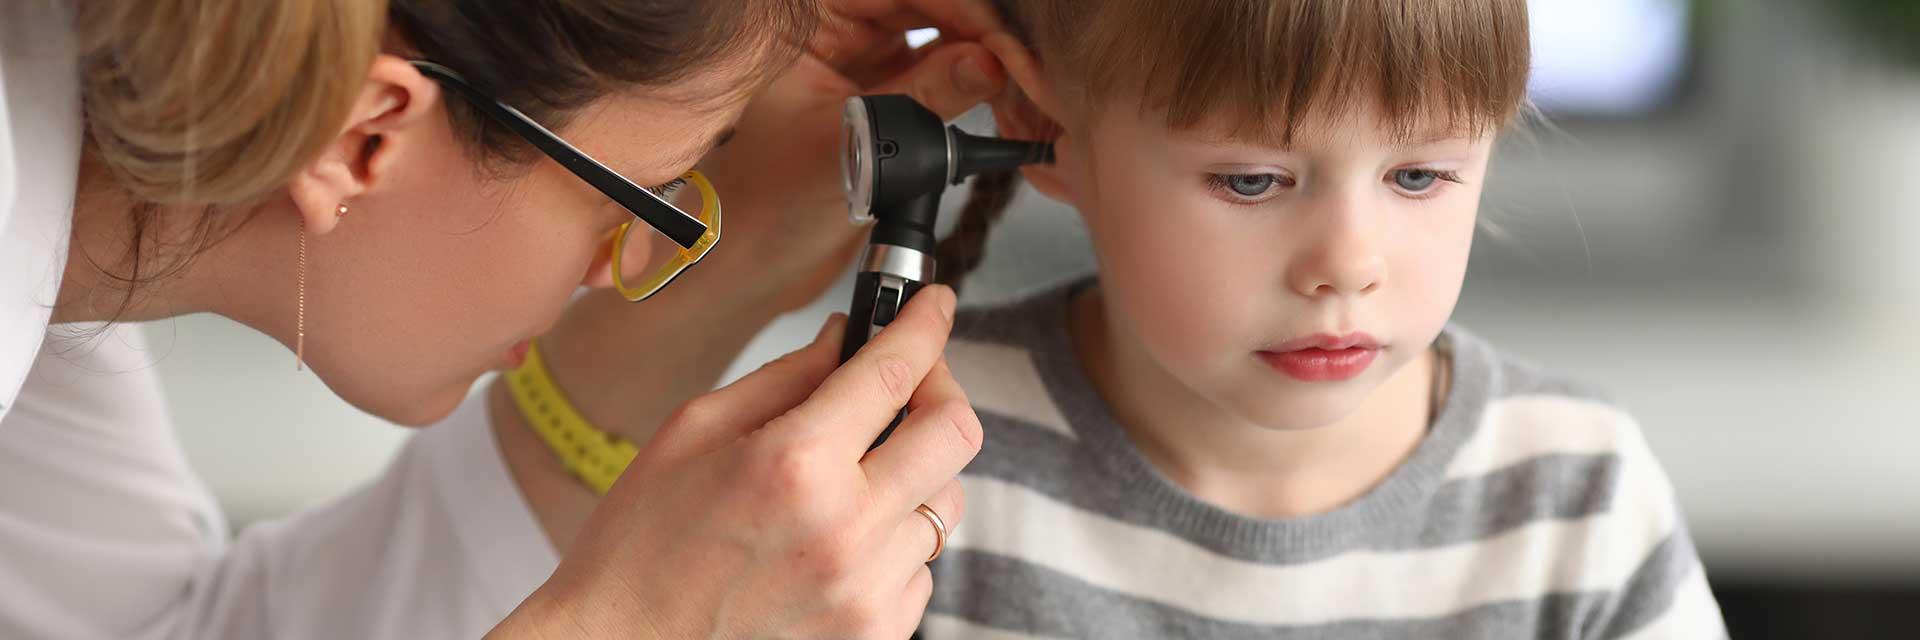 Hals Nasen Ohren Arzt